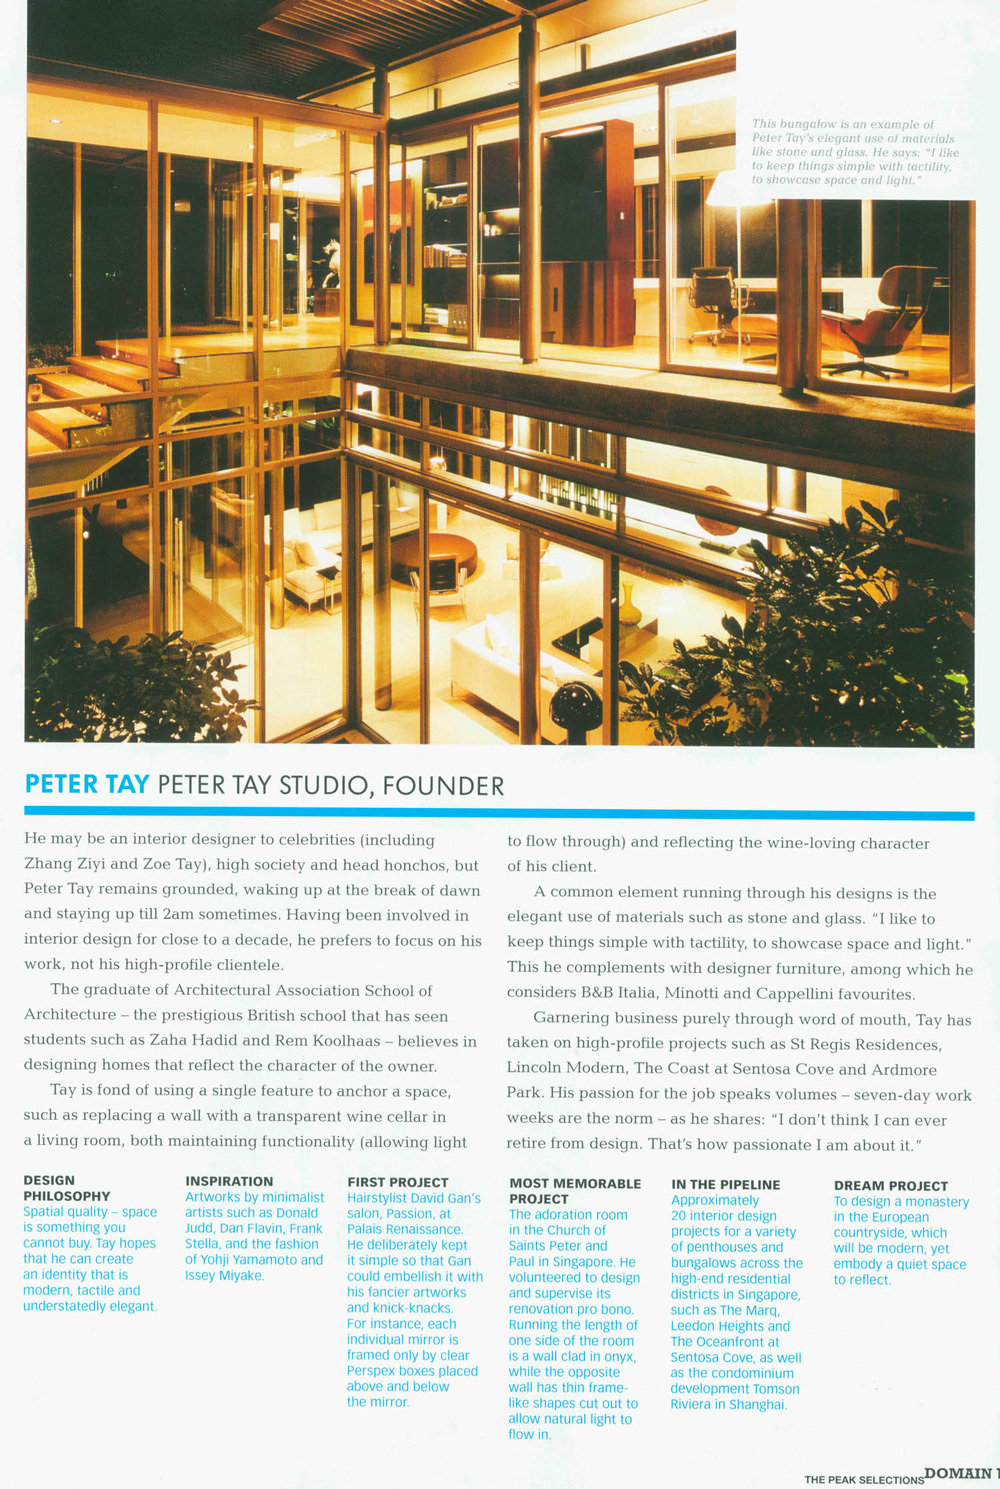 2011 Issue 3 / The Peak Magazine